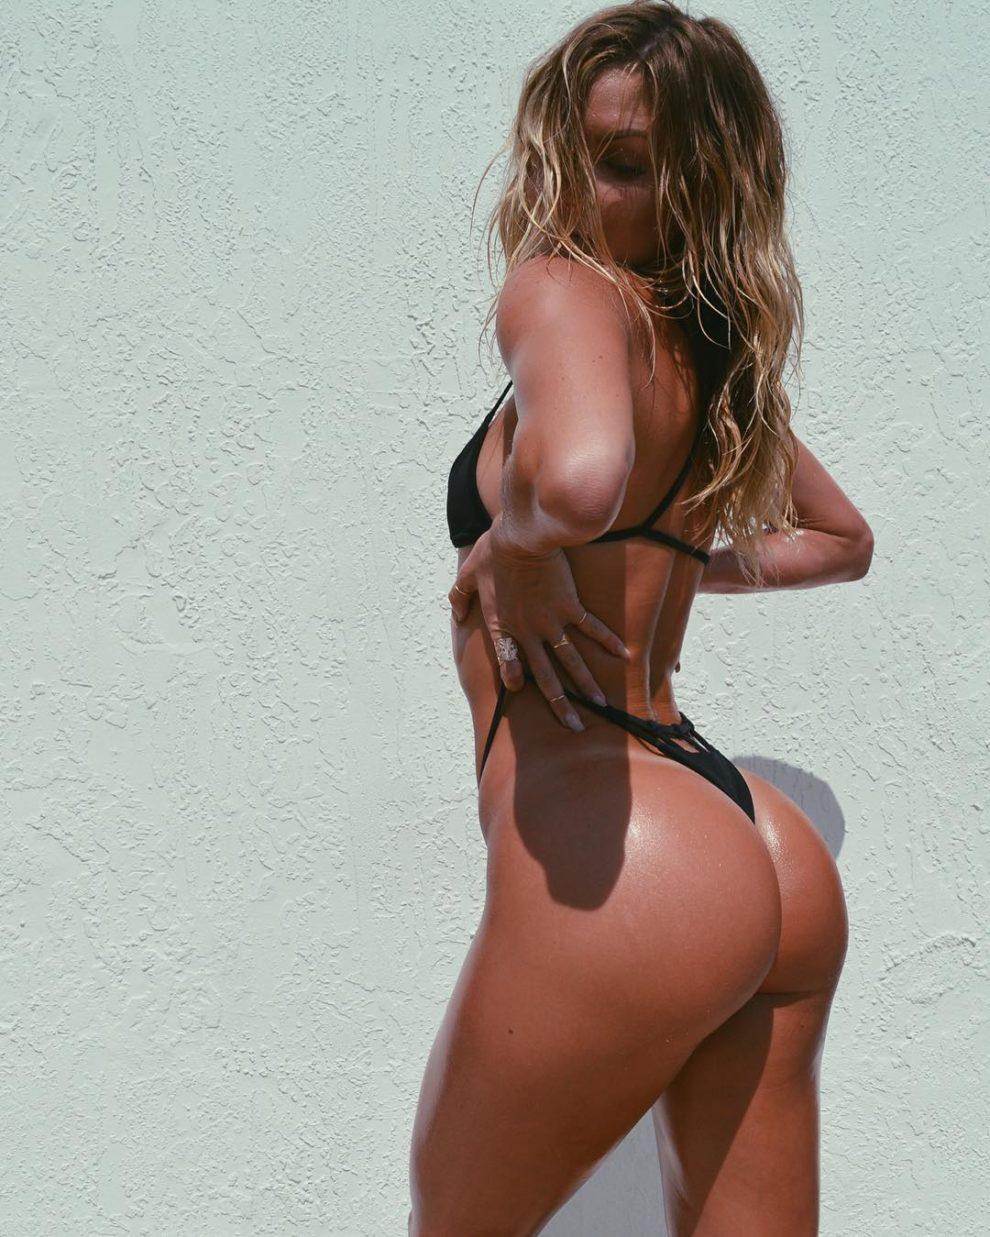 Cassandre Davis' ass